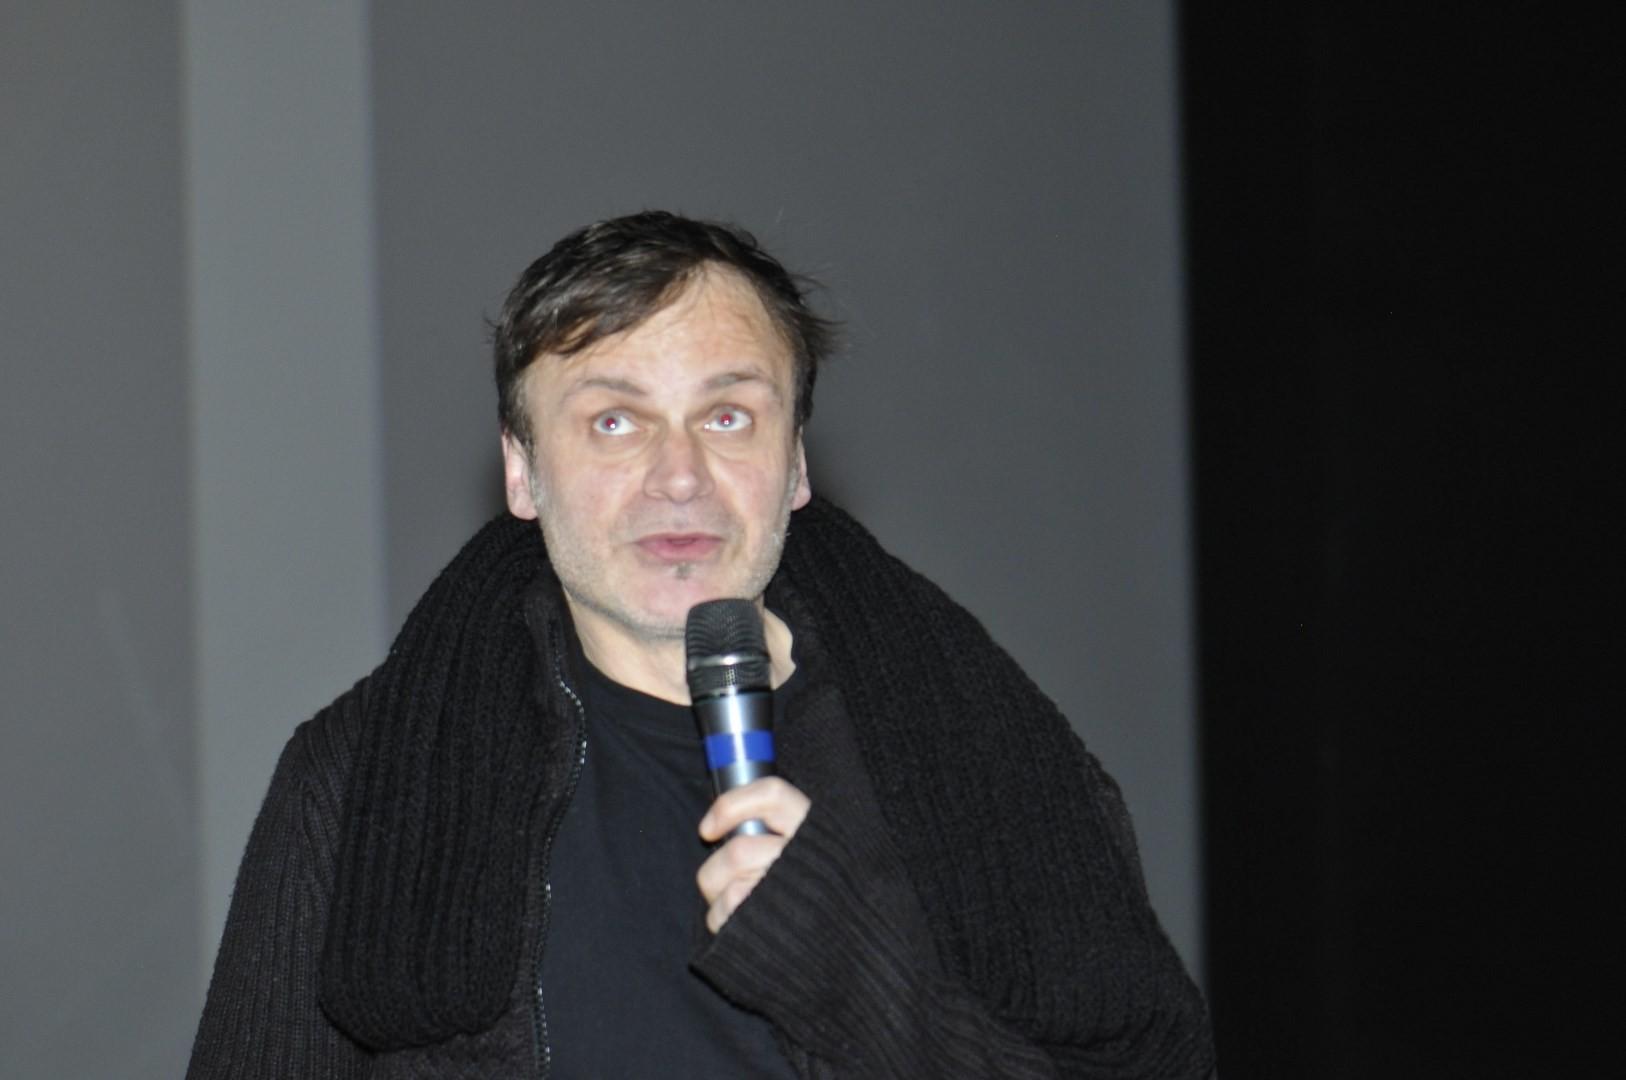 Laurent Marmol, réalisateur, présente Marly le château disparu du roi soleil